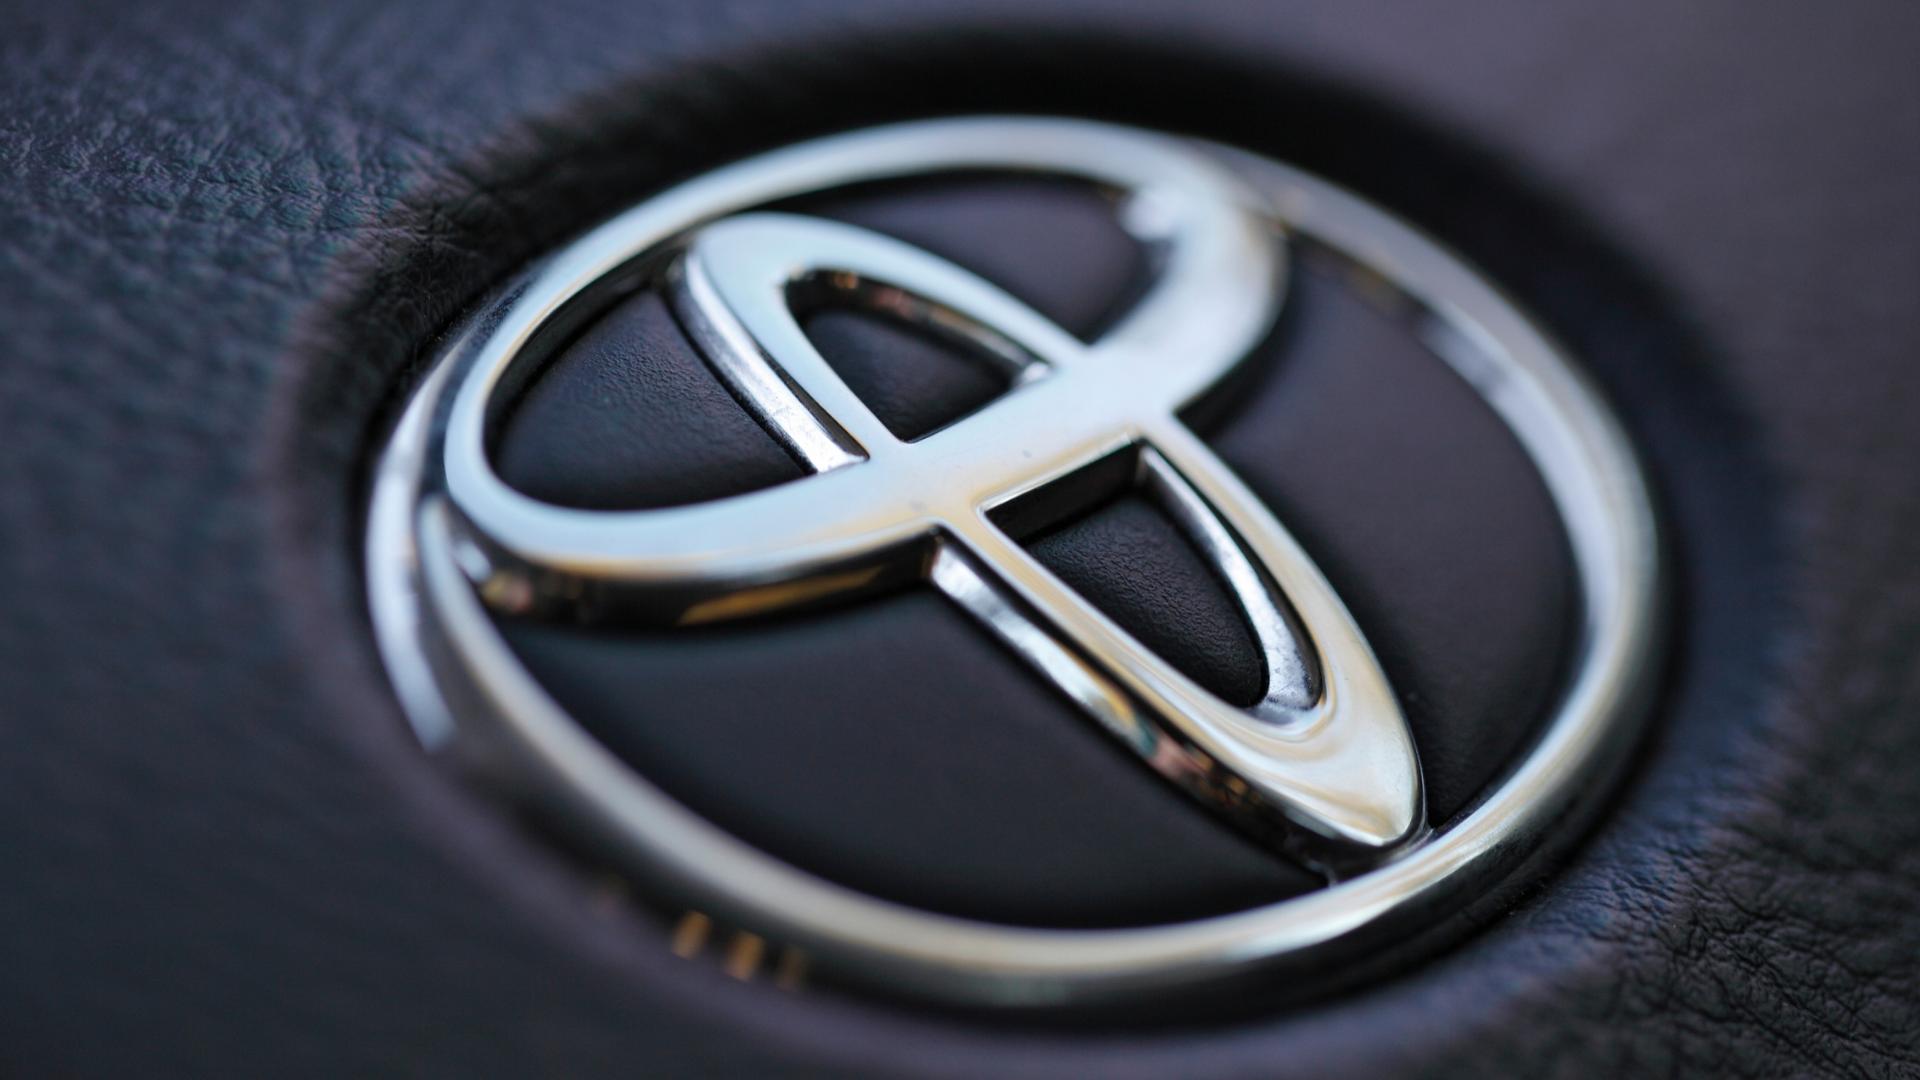 La Toyota Supera il Gruppo Volkswagen